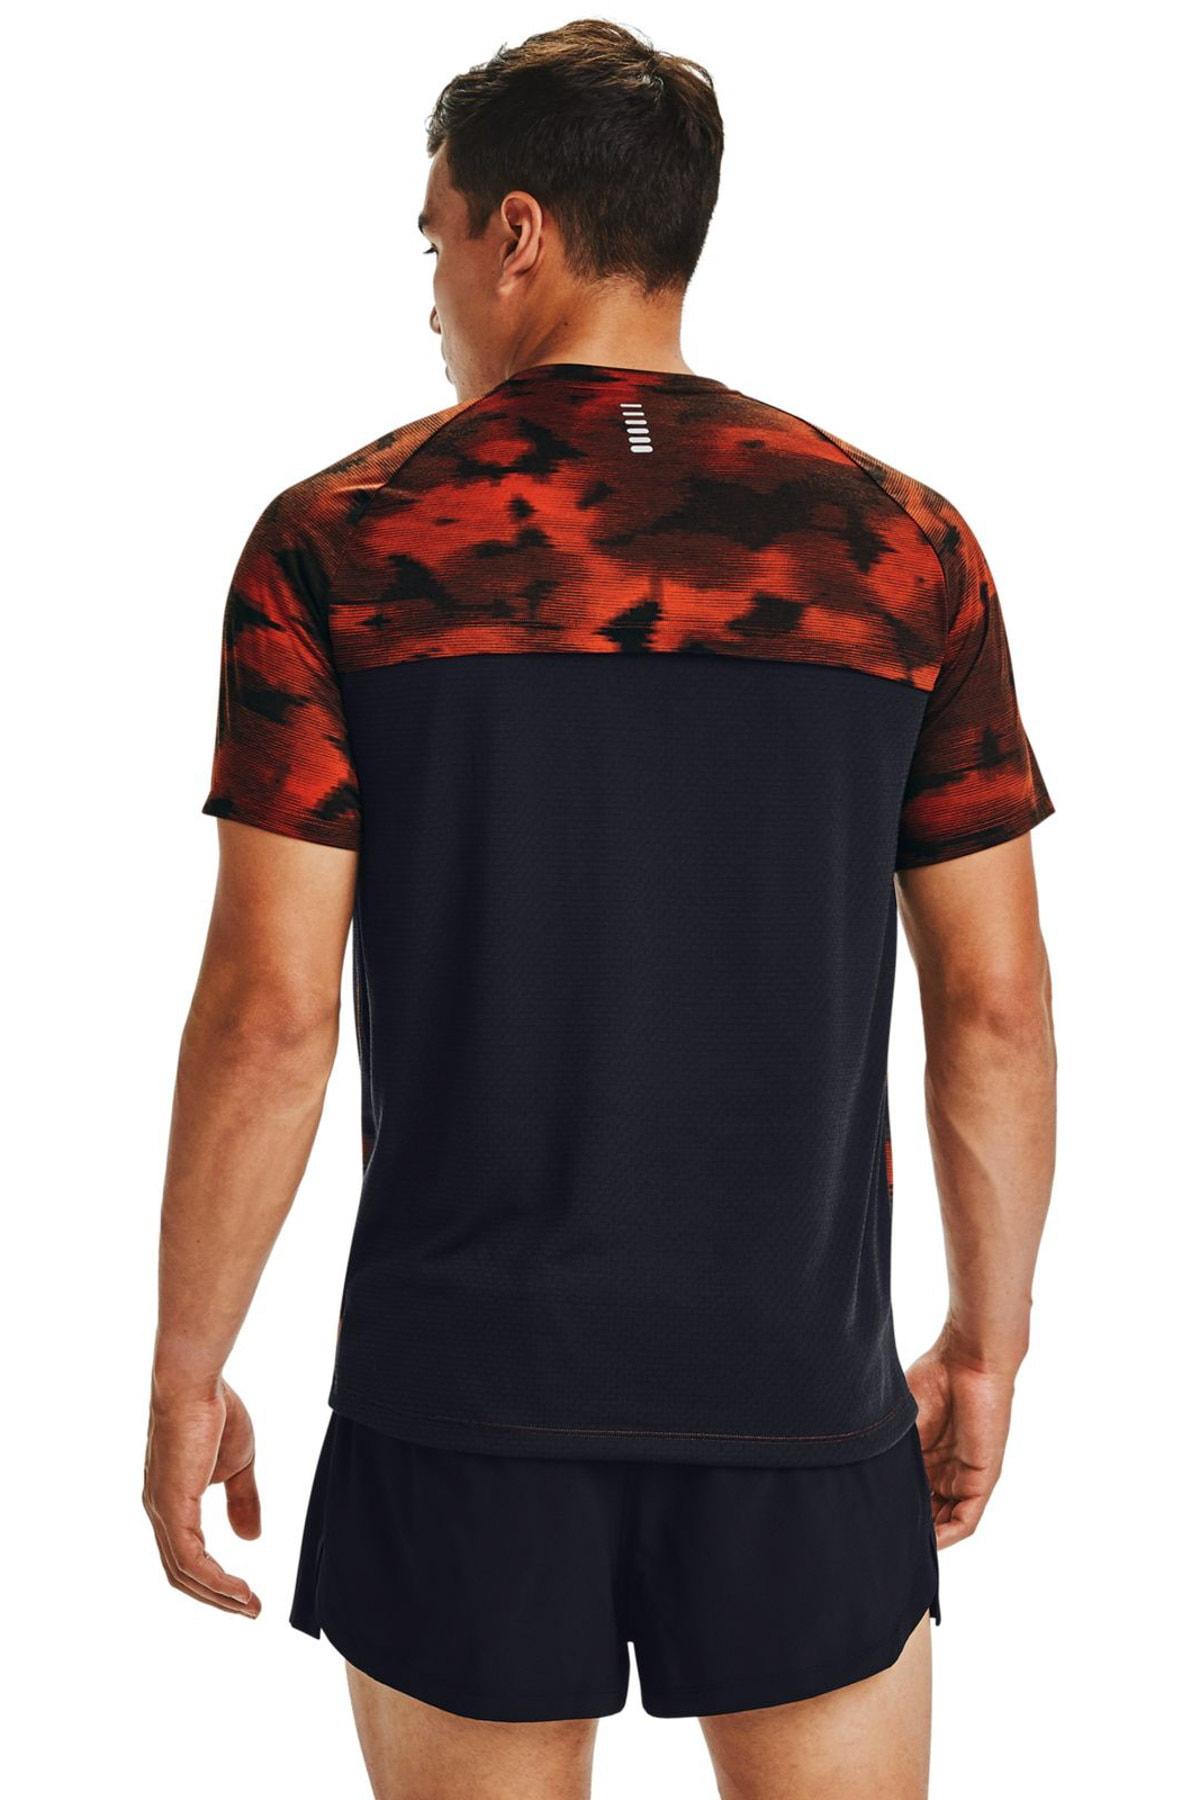 Under Armour Erkek Spor T-Shirt - M Streaker 2.0 Inverse Ss - 1356176-830 2